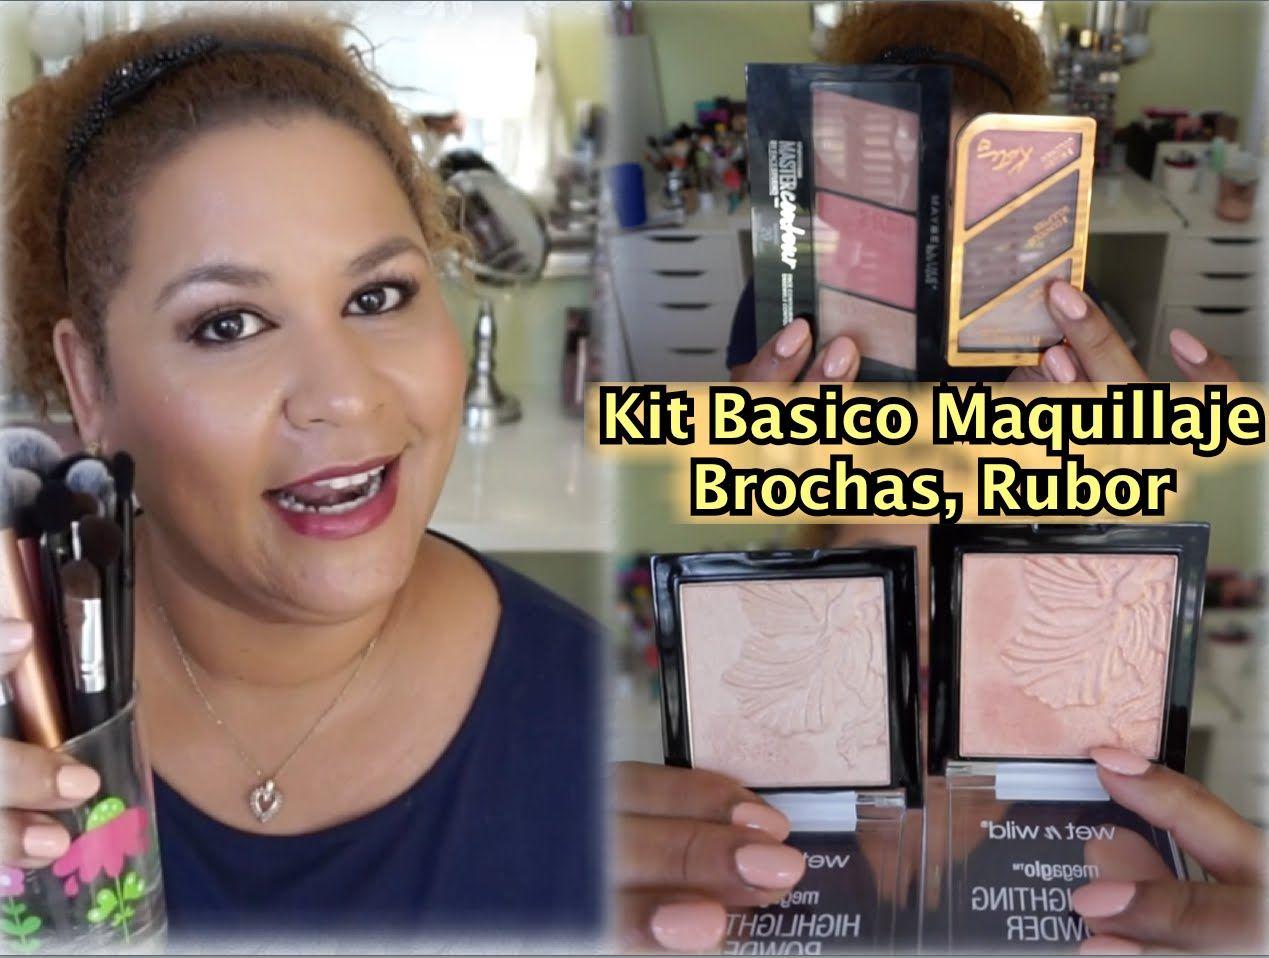 Kit Basico|Maquillaje de Farmacia |Parte 2 & Brochas